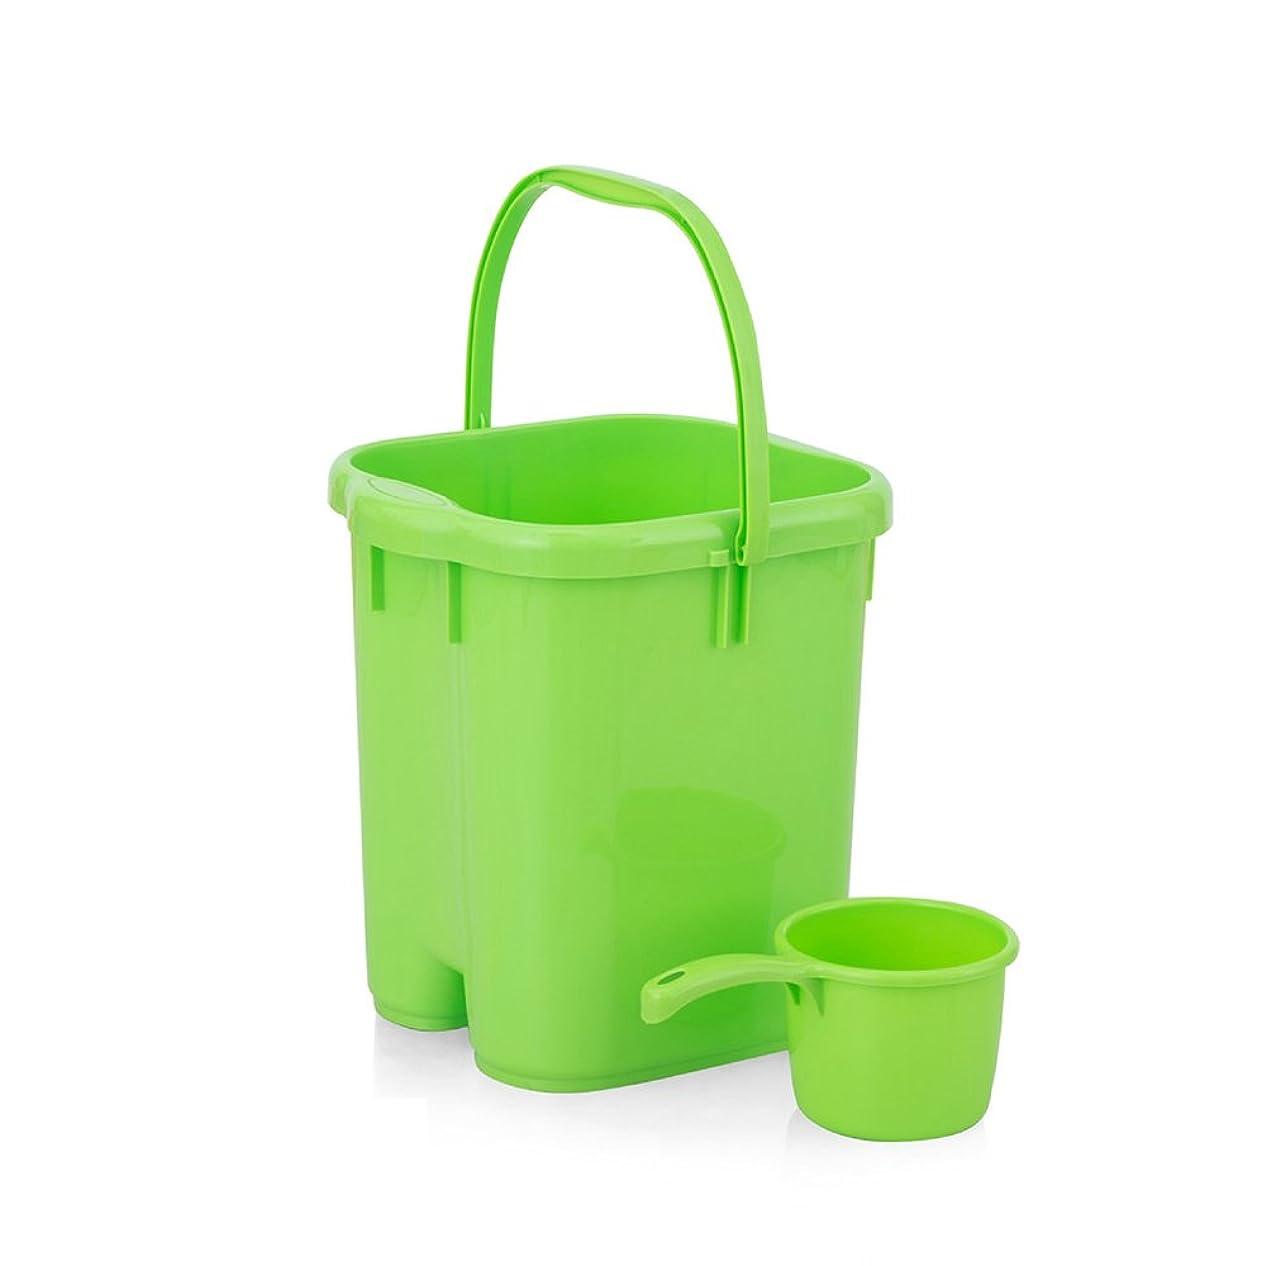 変装した水分悲劇39センチメートルポータブル27 * 28 * 38センチメートルと専用バスルームホーム足湯足バレル流域の成人した子供や高齢者をハイドロプレーニングマッサージプラスチックバケツ+で利用できる足浴槽の足浴をしている高めます ## (色 : Green)